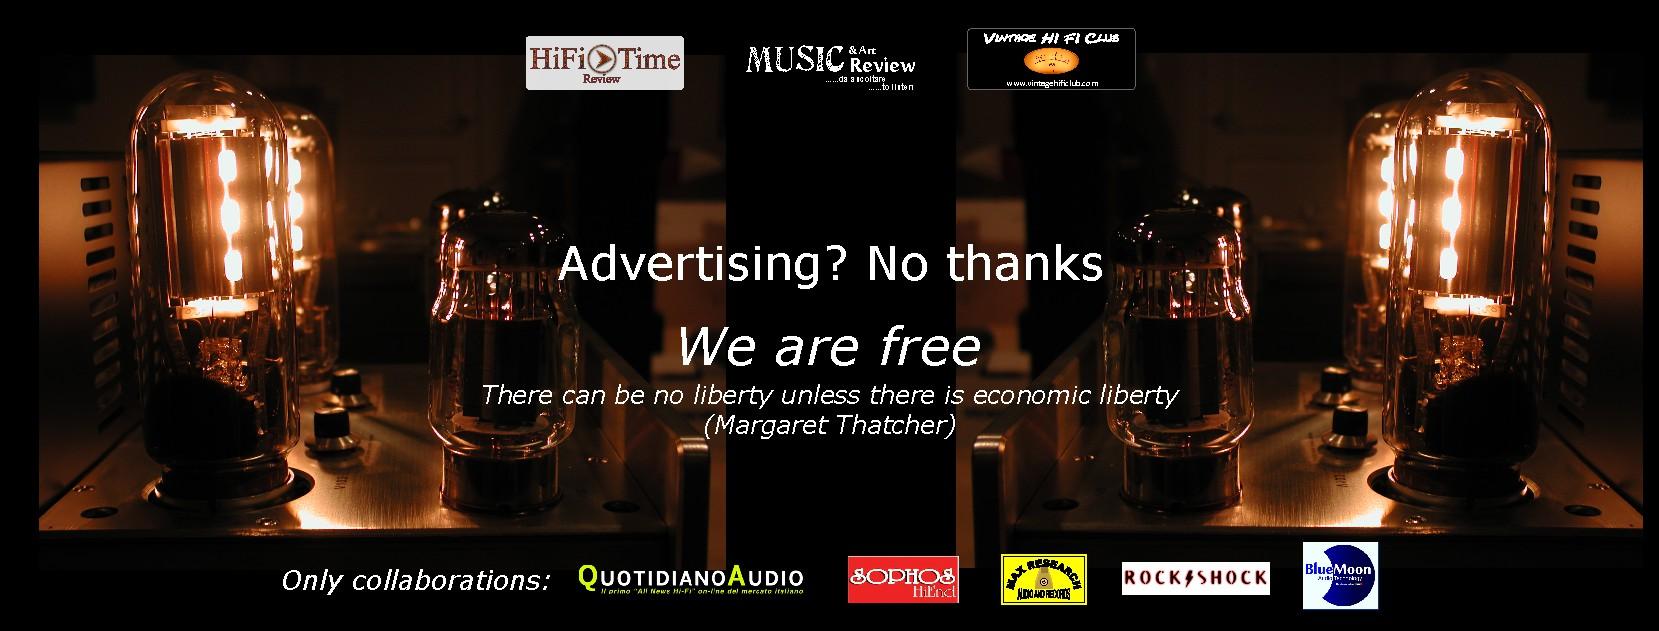 manifesto no pubblicità 2 manifesto home FB vintage hifi